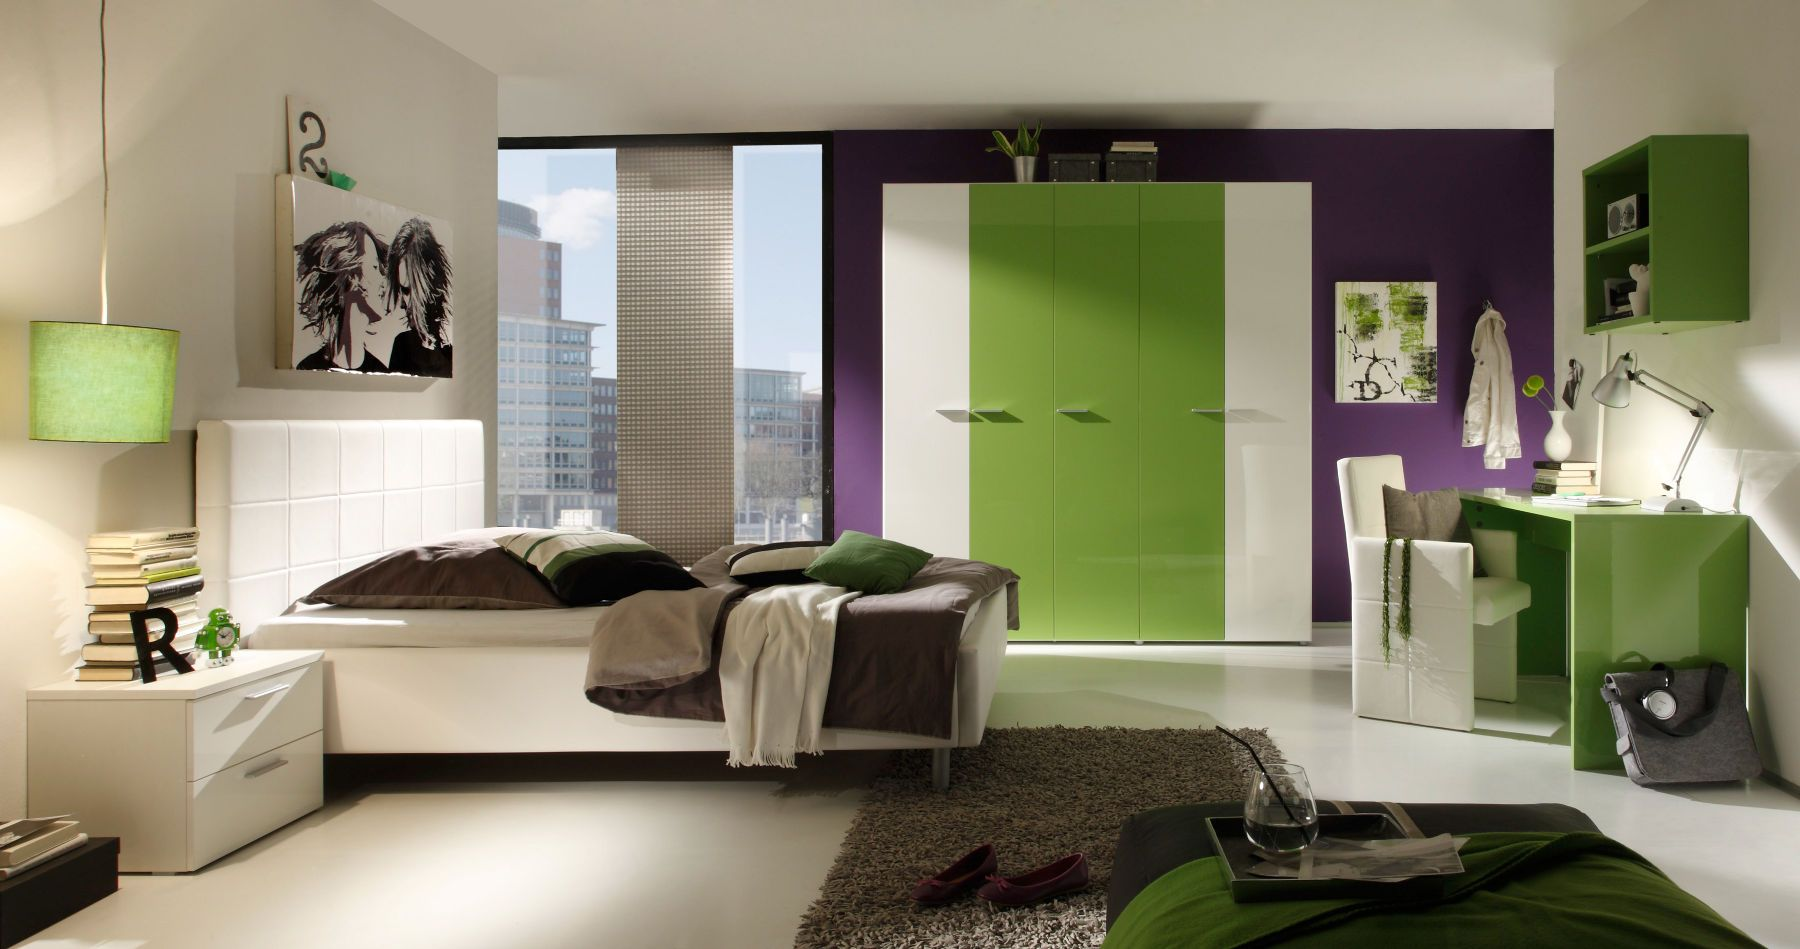 zimmer mintgrün | Wohnzimmer Wände Streichen Ideen | Pinterest